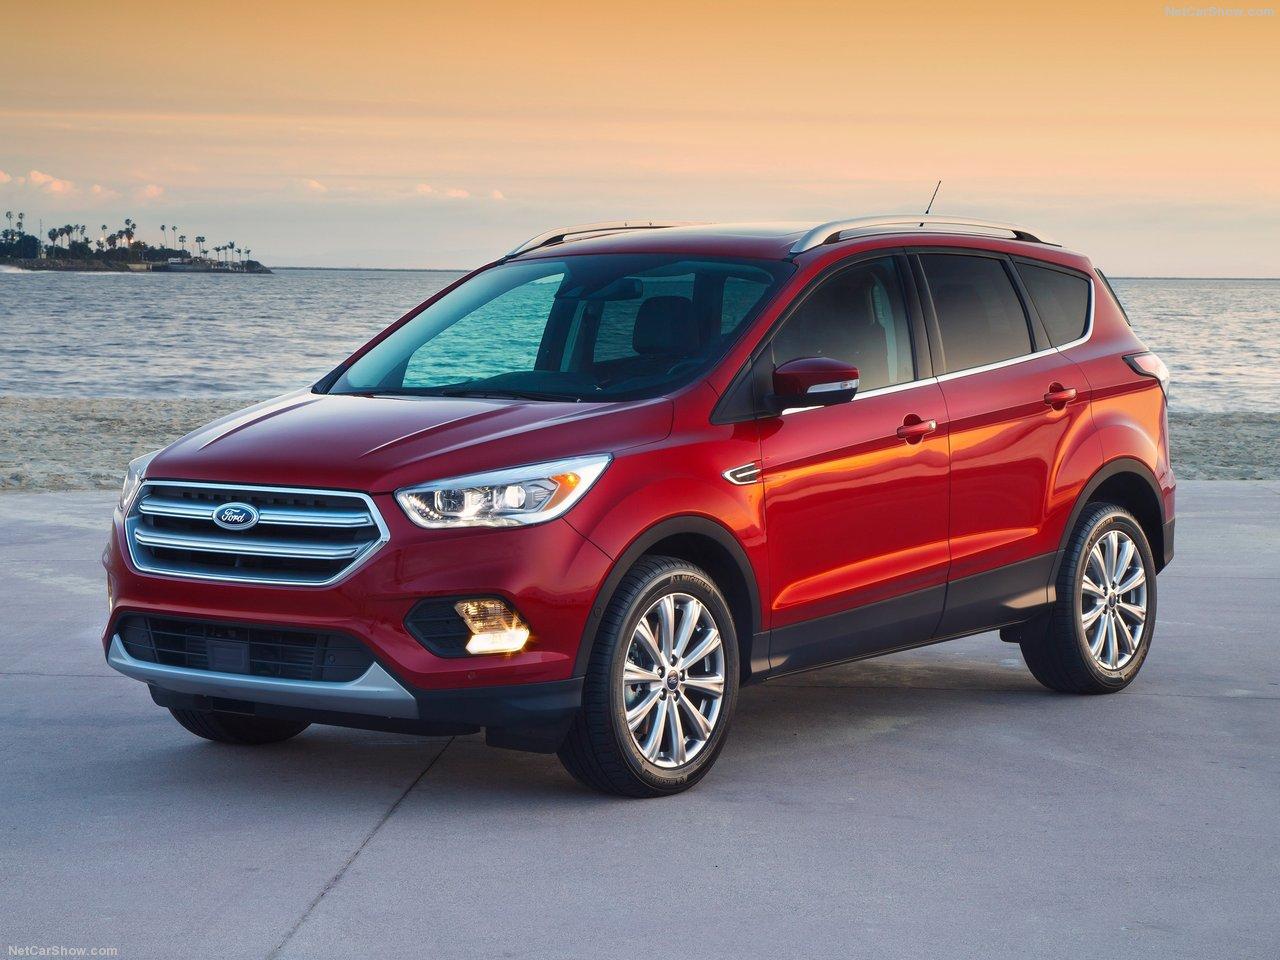 2019北美suv销售排行_4款国产SUV大优惠低首付 旺季不买车还要等何时